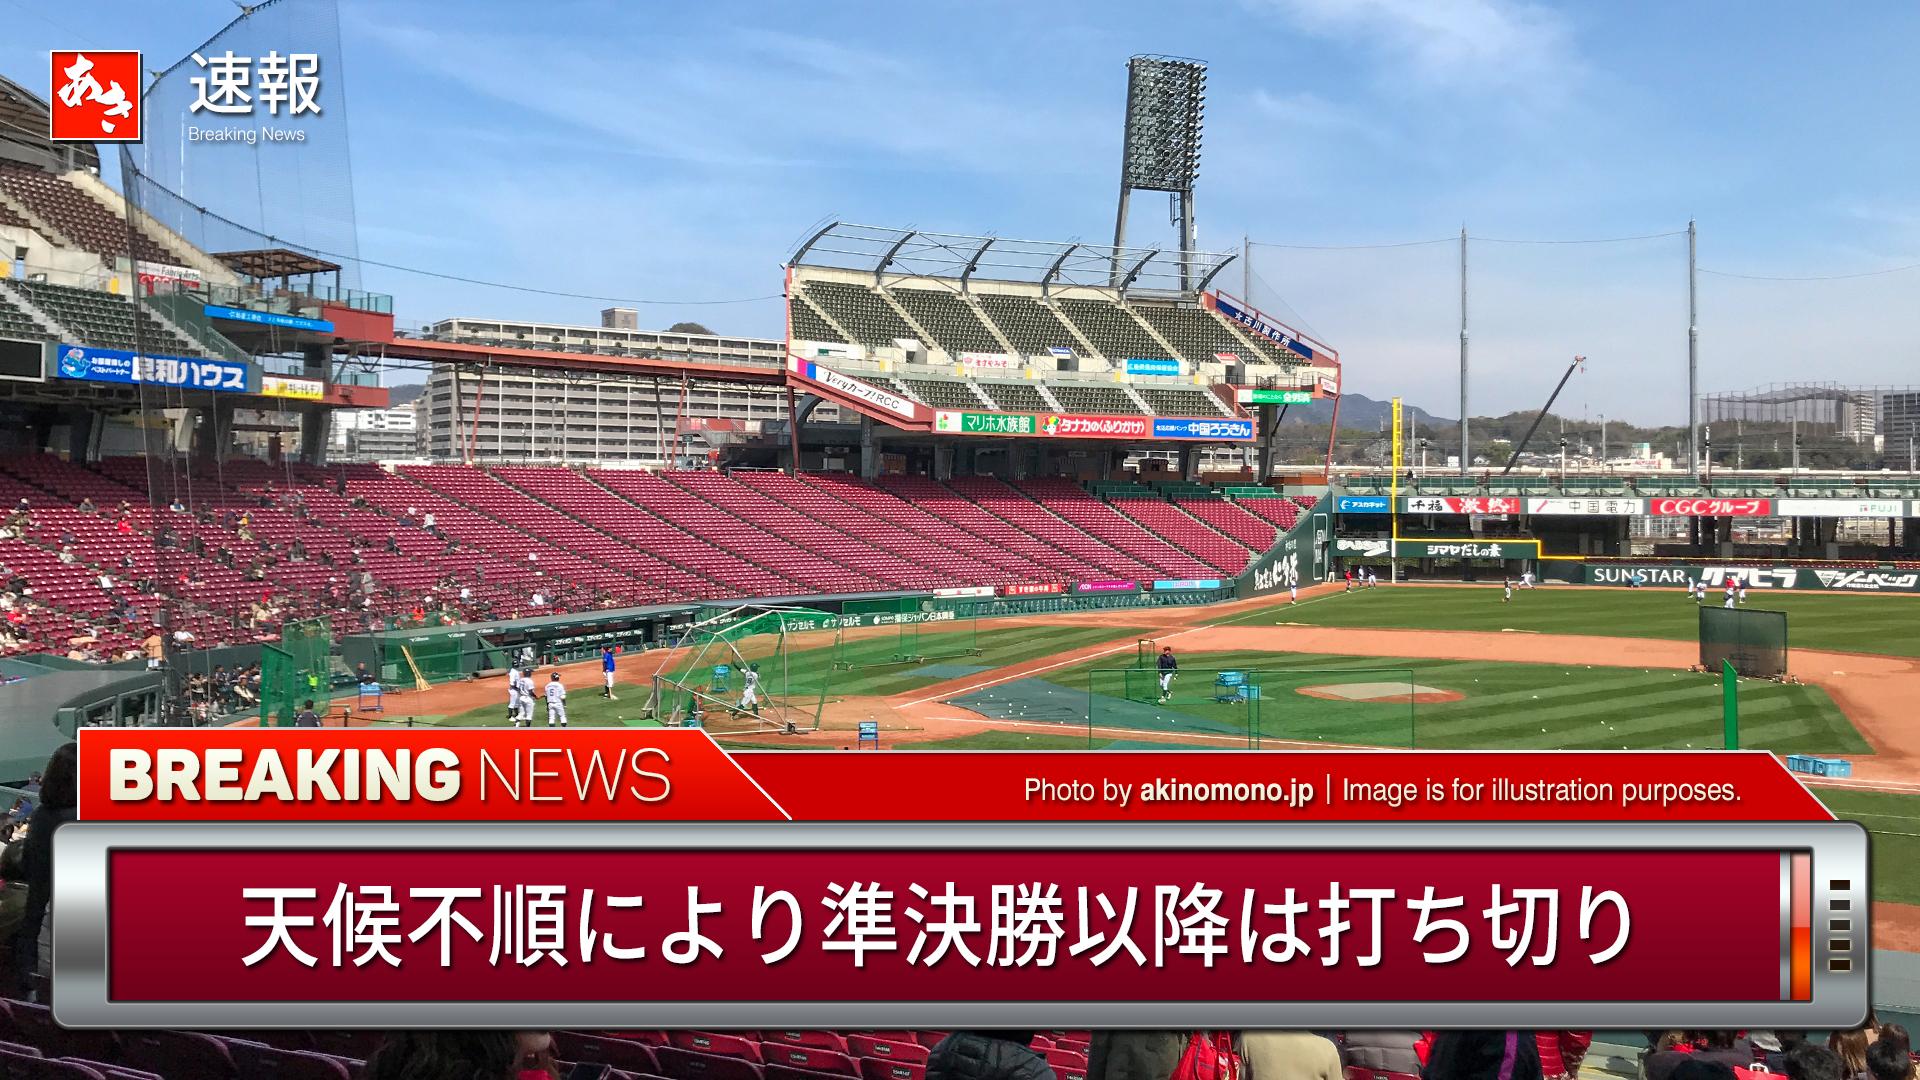 野球 第58回jaba広島大会 天候不順により準決勝以降は打ち切り 優勝